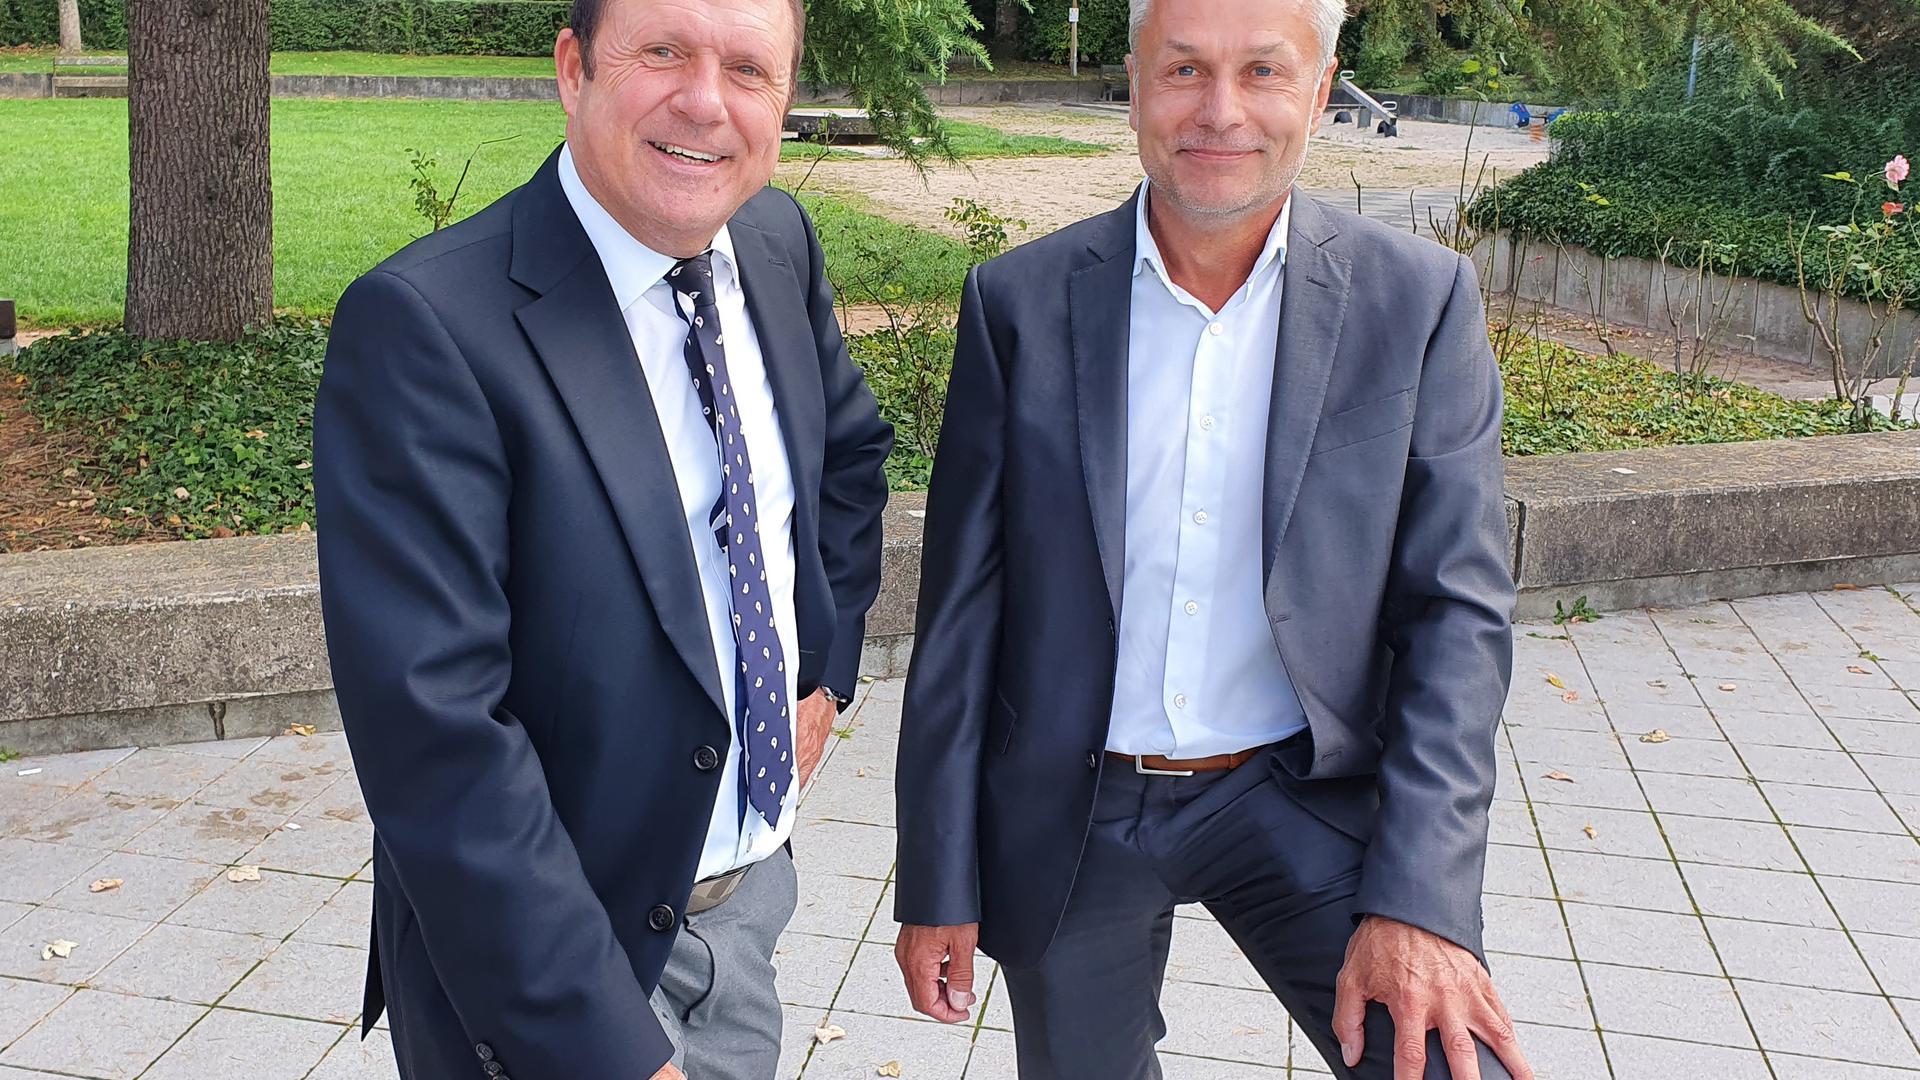 Rotherma-Geschäftsführer Wolfram Zahnen (links) und sein Nachfolger Jörg Zimmer